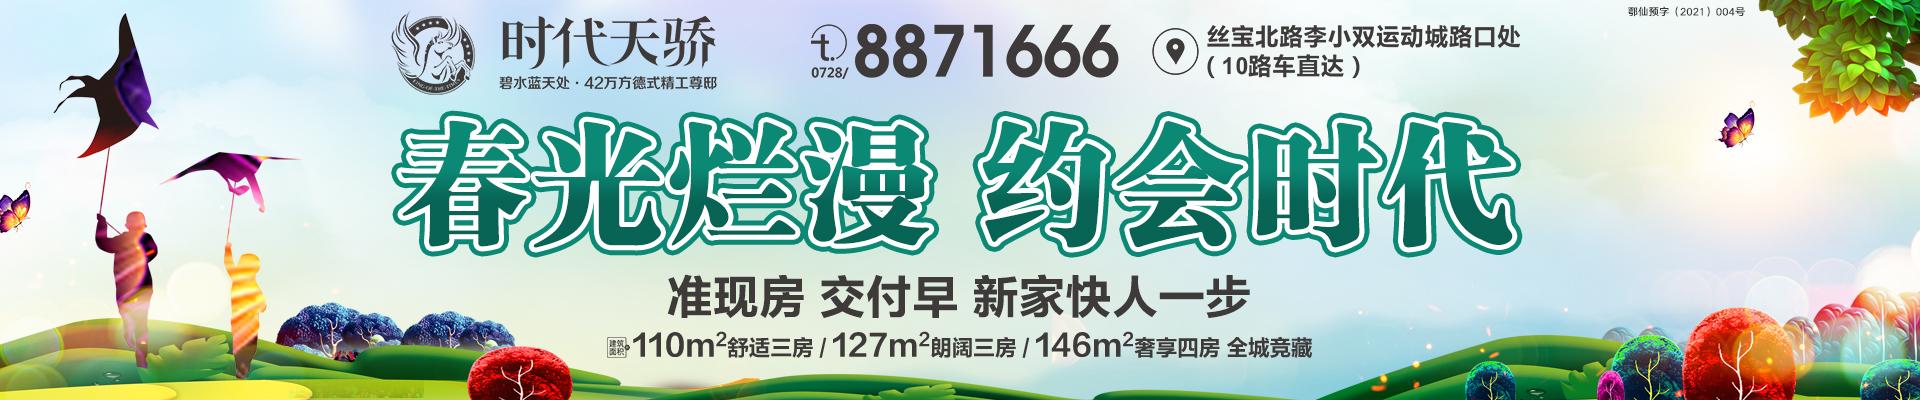 時代天(tian)驕(jiao)